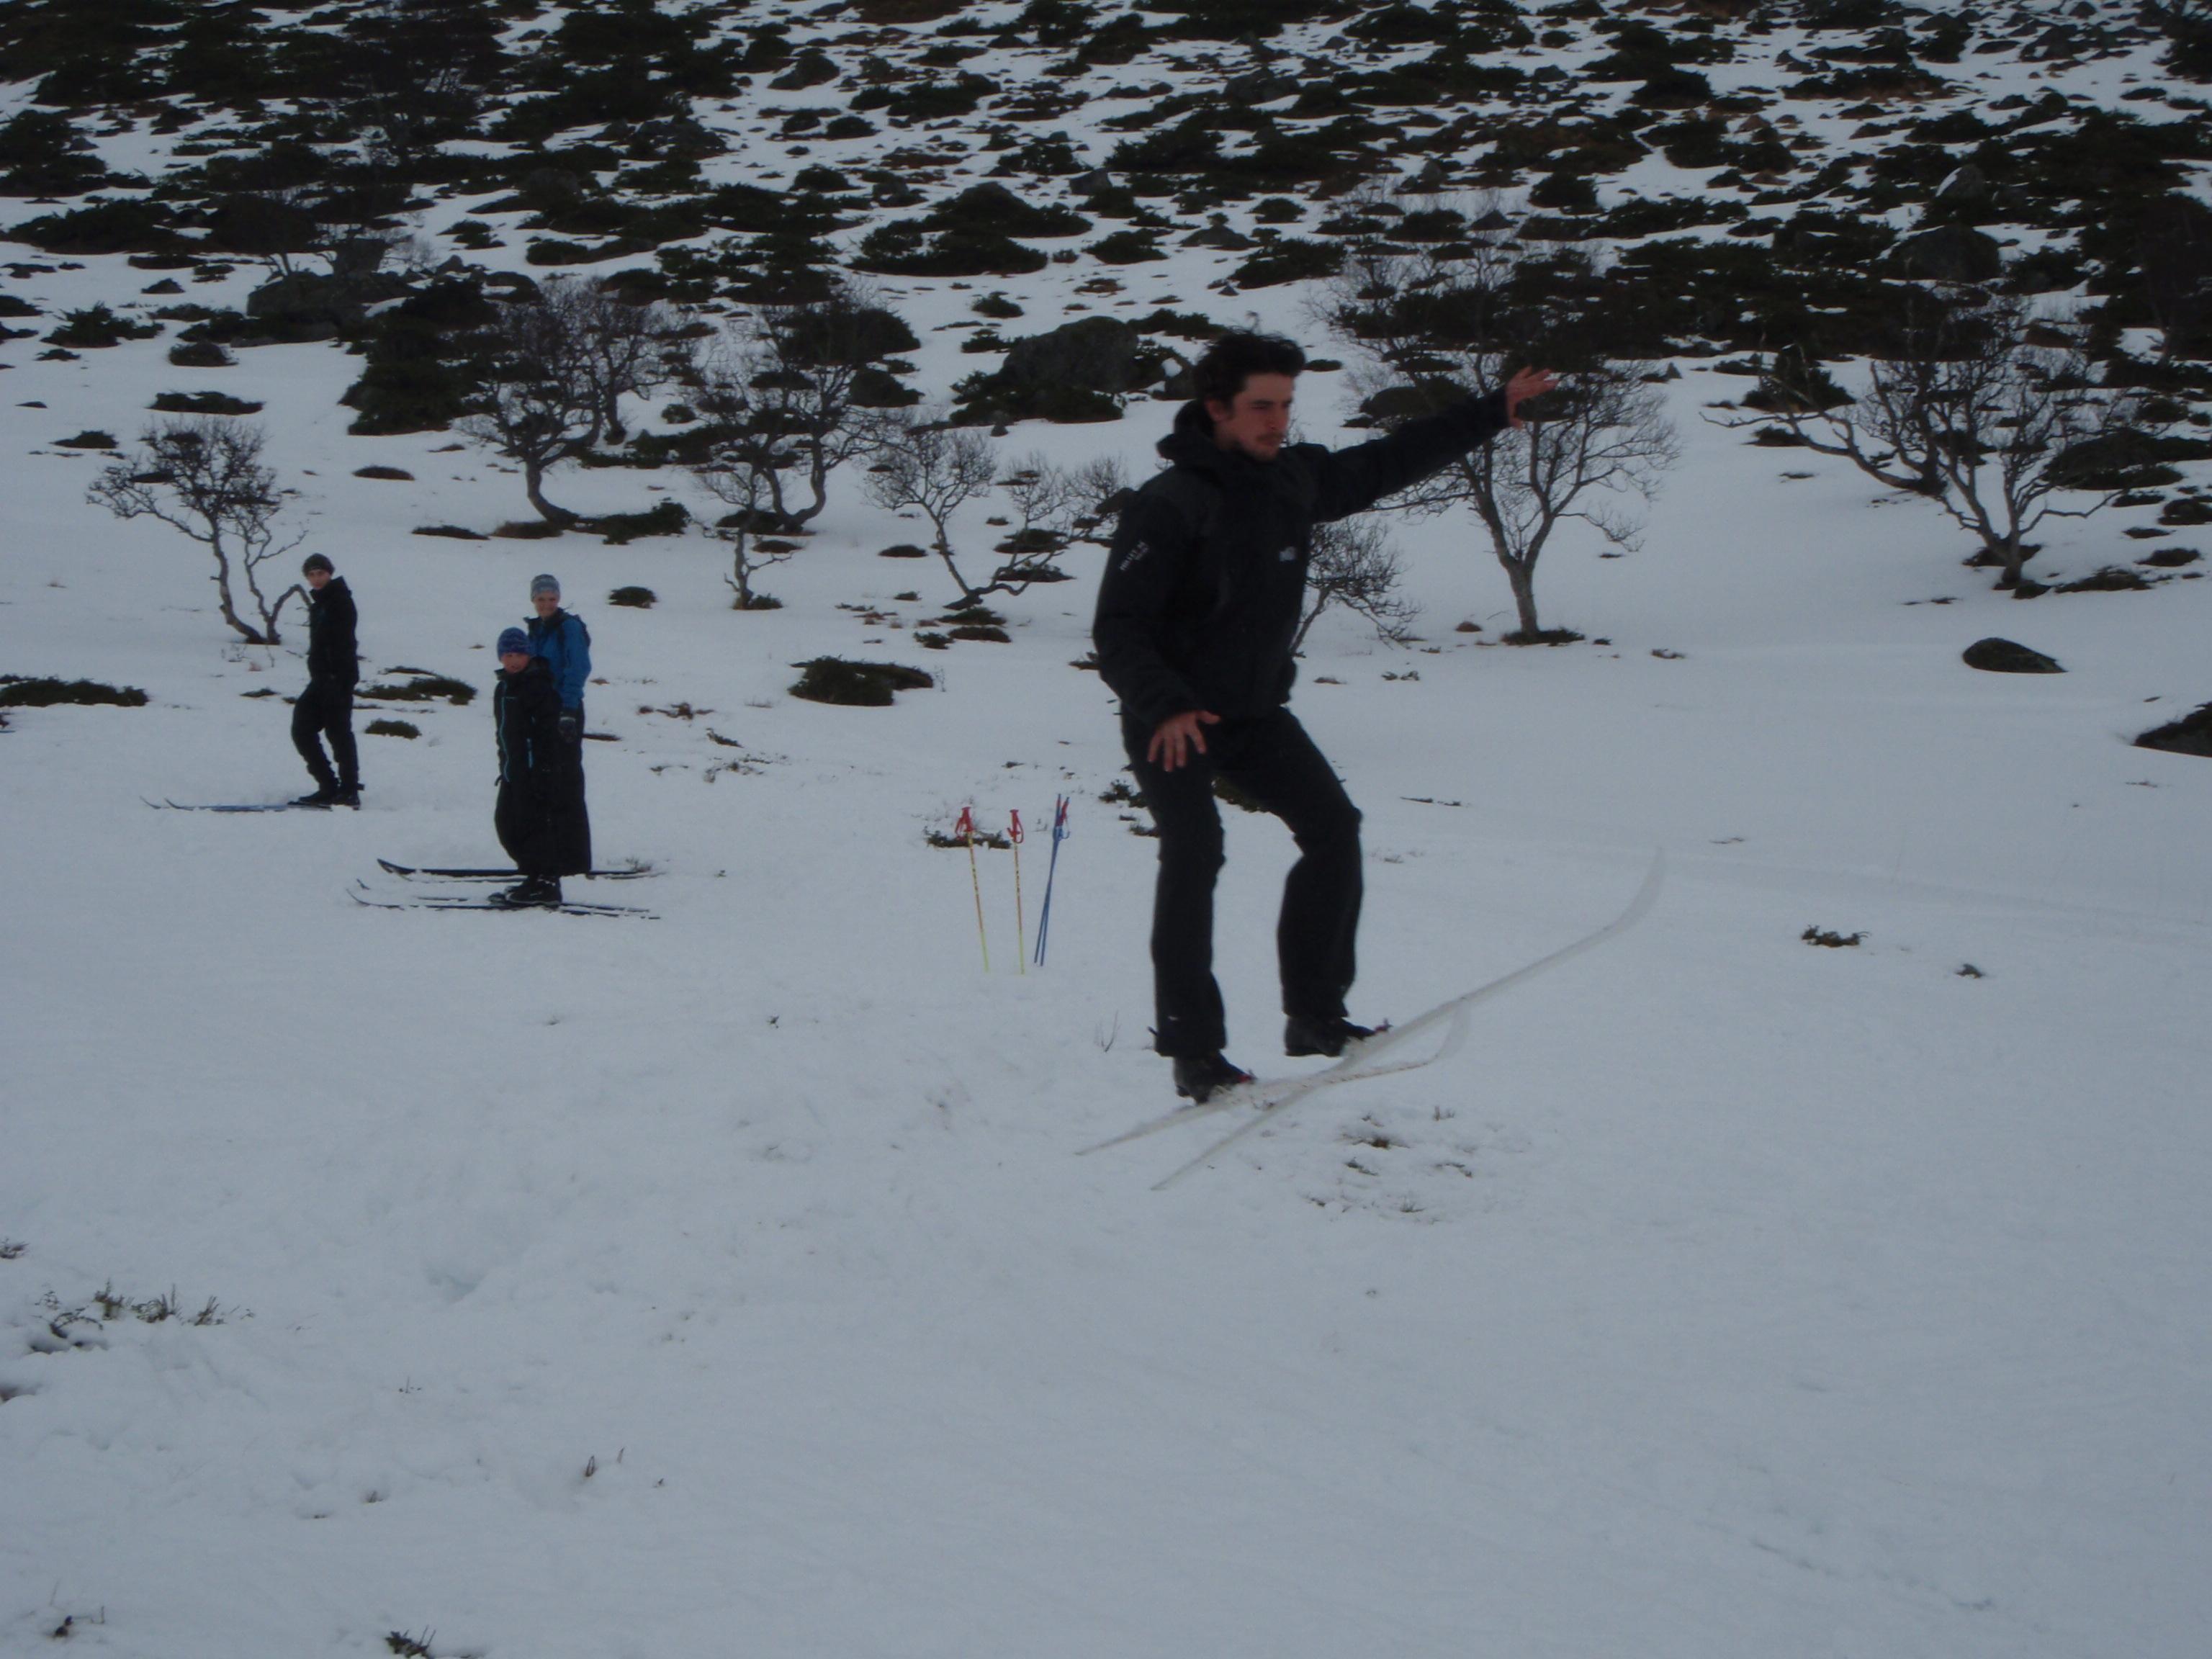 Je défend cherement les couleurs de la France lors du concours de saut à ski... en ski de fond c'est pas si simple !